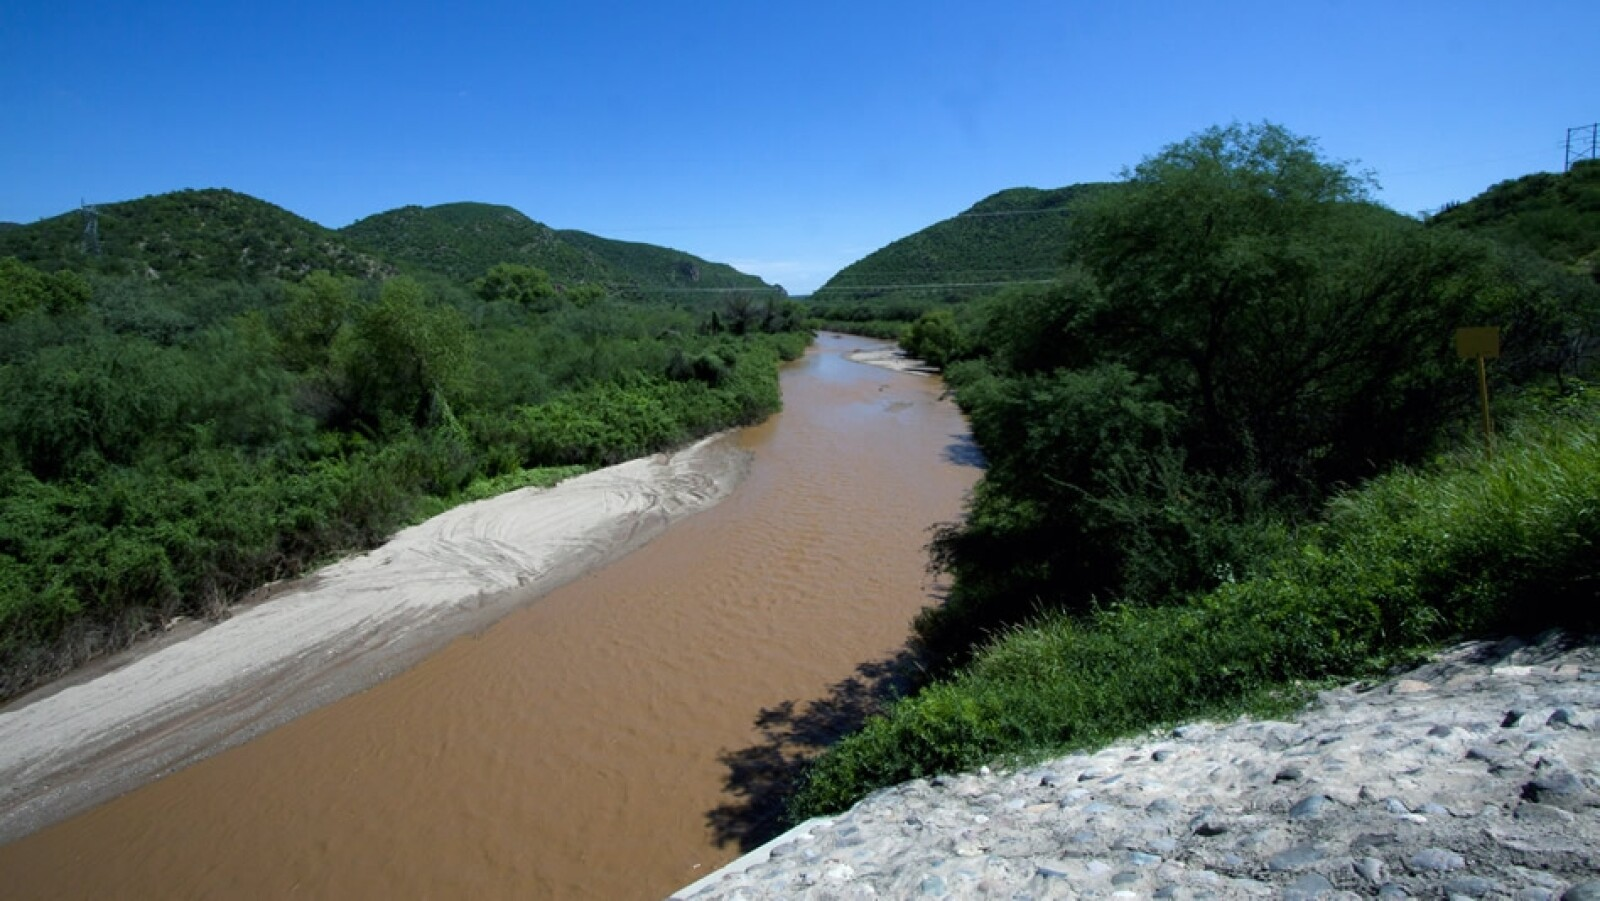 Sonora, rio, derrame, mina, contamicacion